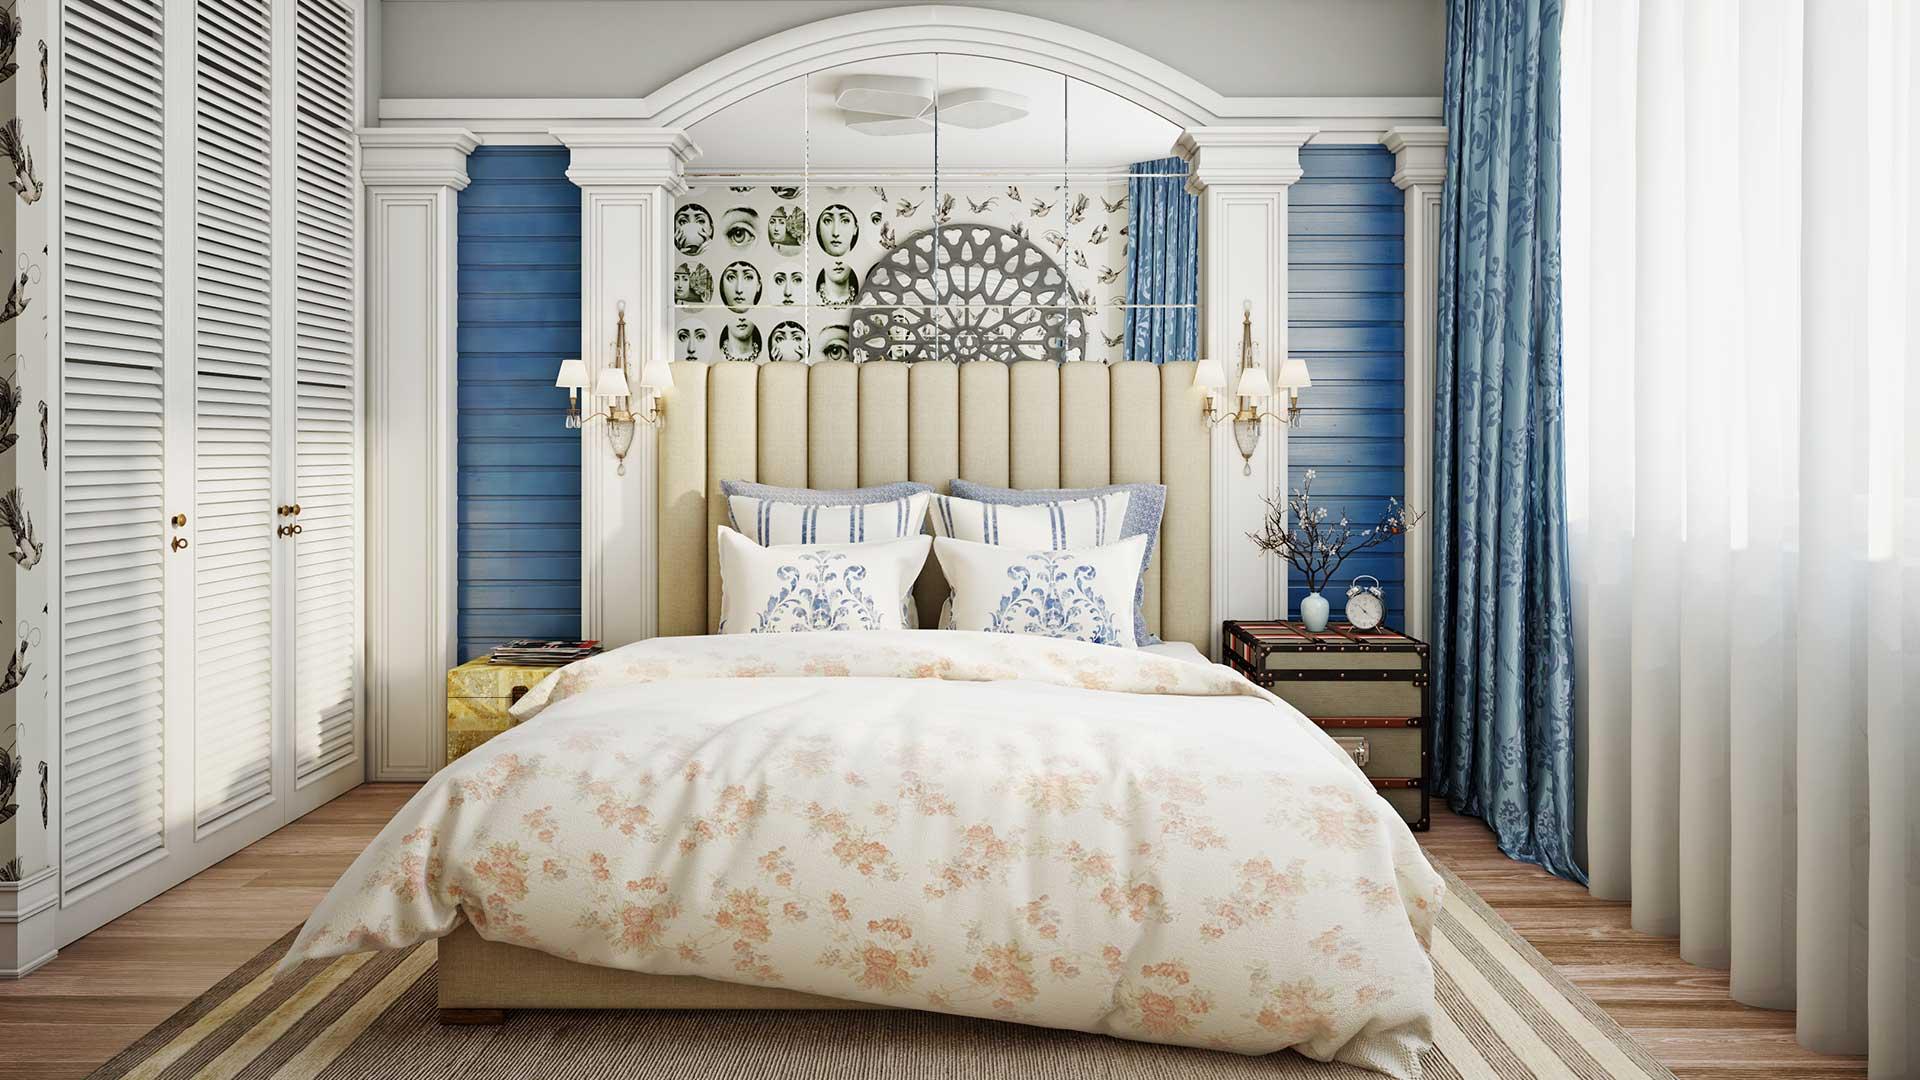 Elysian Garden bed and breakfast Banner 1920x1080